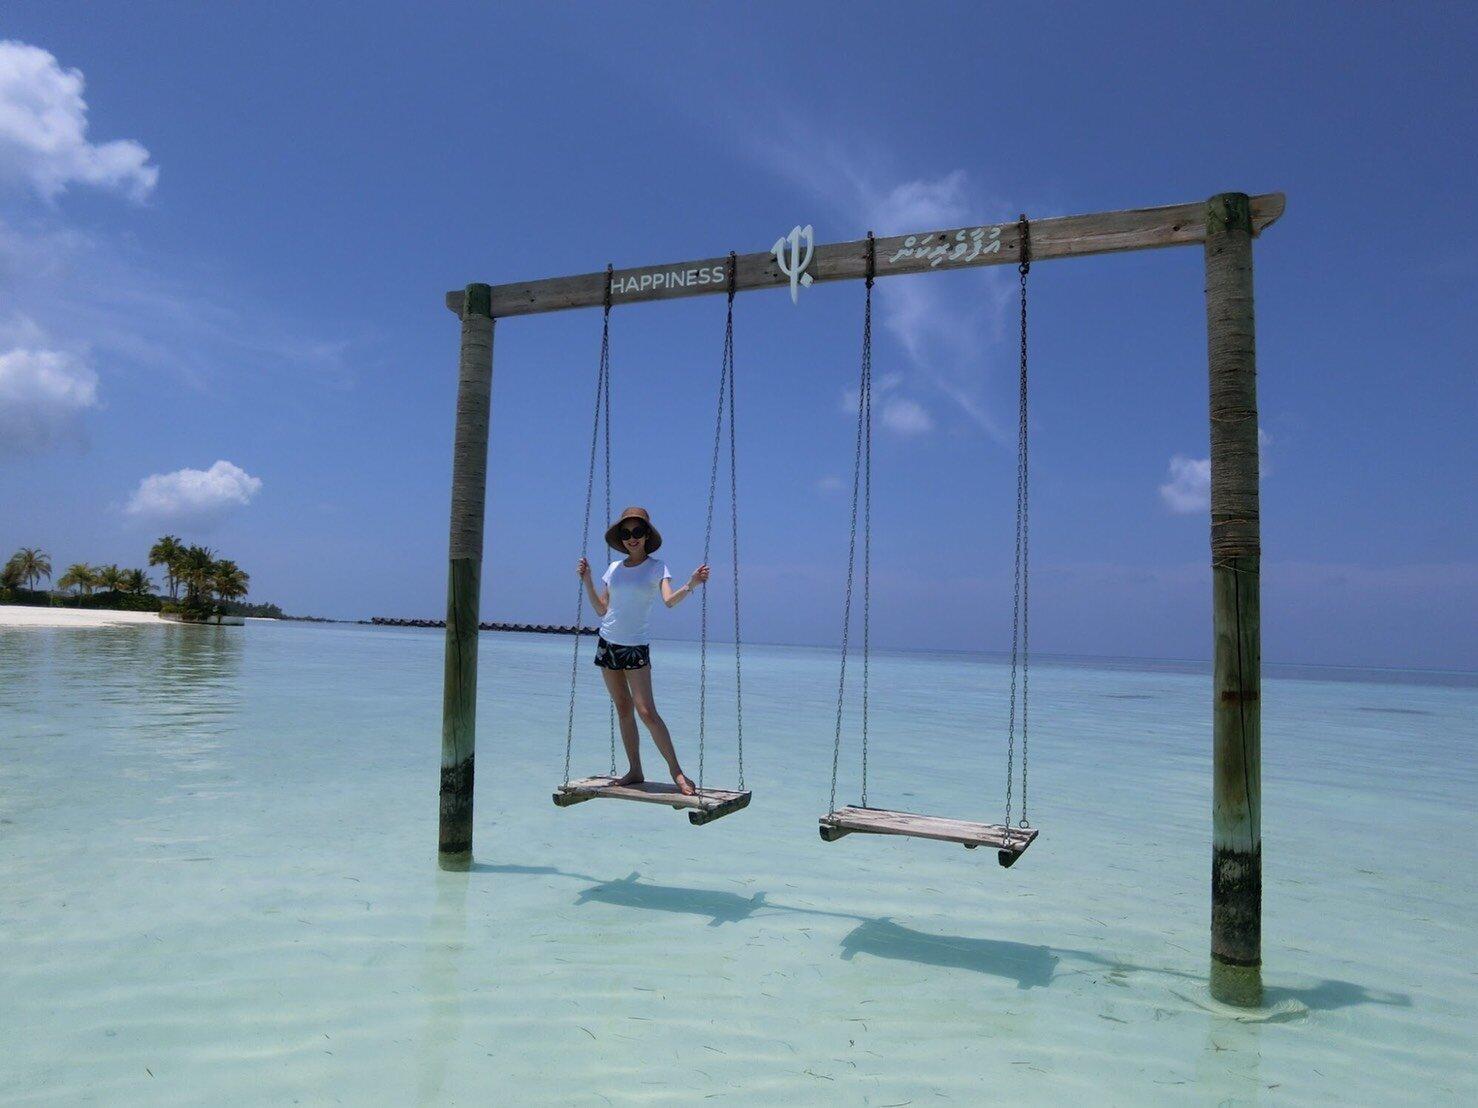 ▲寧靜的芬尼芙島相當適合兩人世界,楊千霈度假好心情完全藏不住。